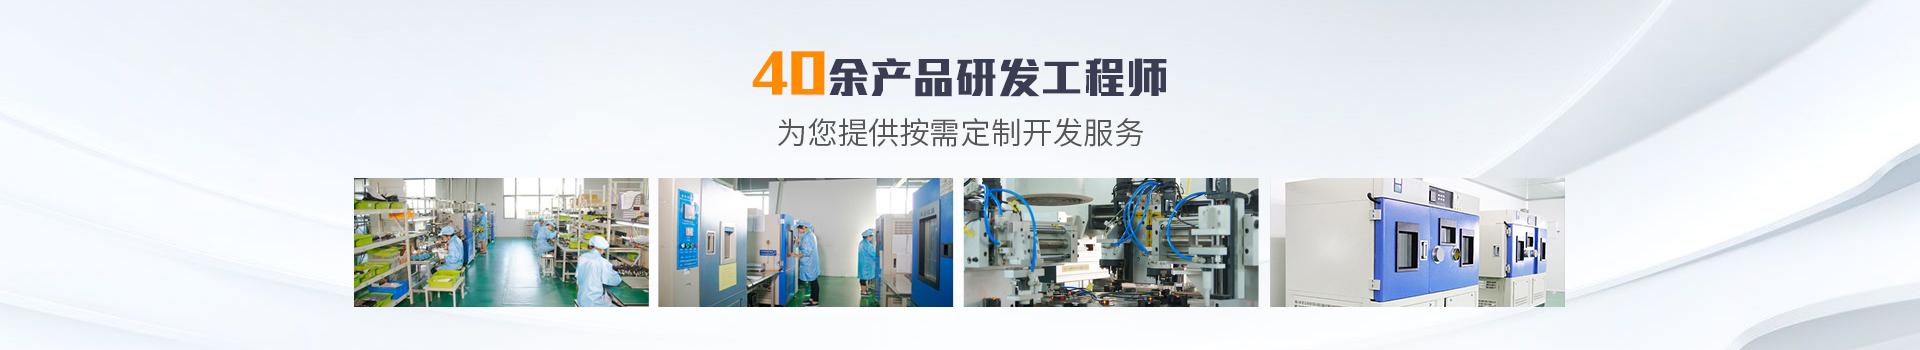 沃天40余产品研发工程师提供定制开发服务